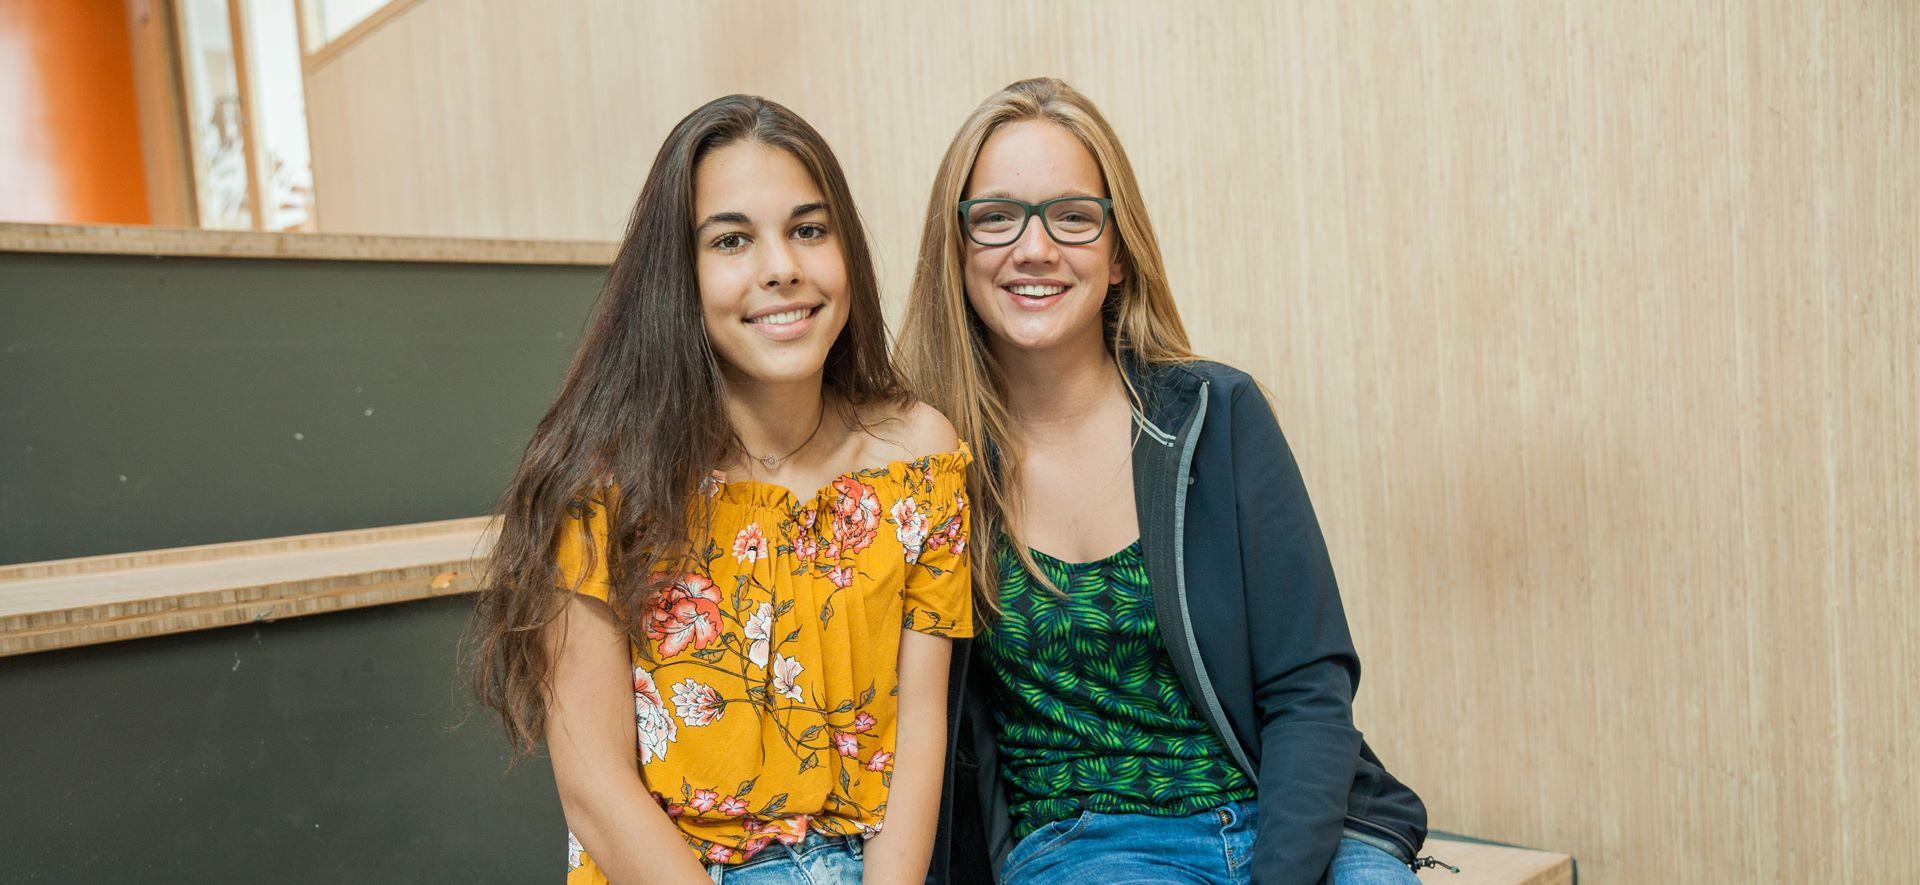 https://www.ubboemmius.nl/wp-content/uploads/2018/09/20180820_Ubbo_online_beeldmateriaal_20_leerlingenraad.jpg